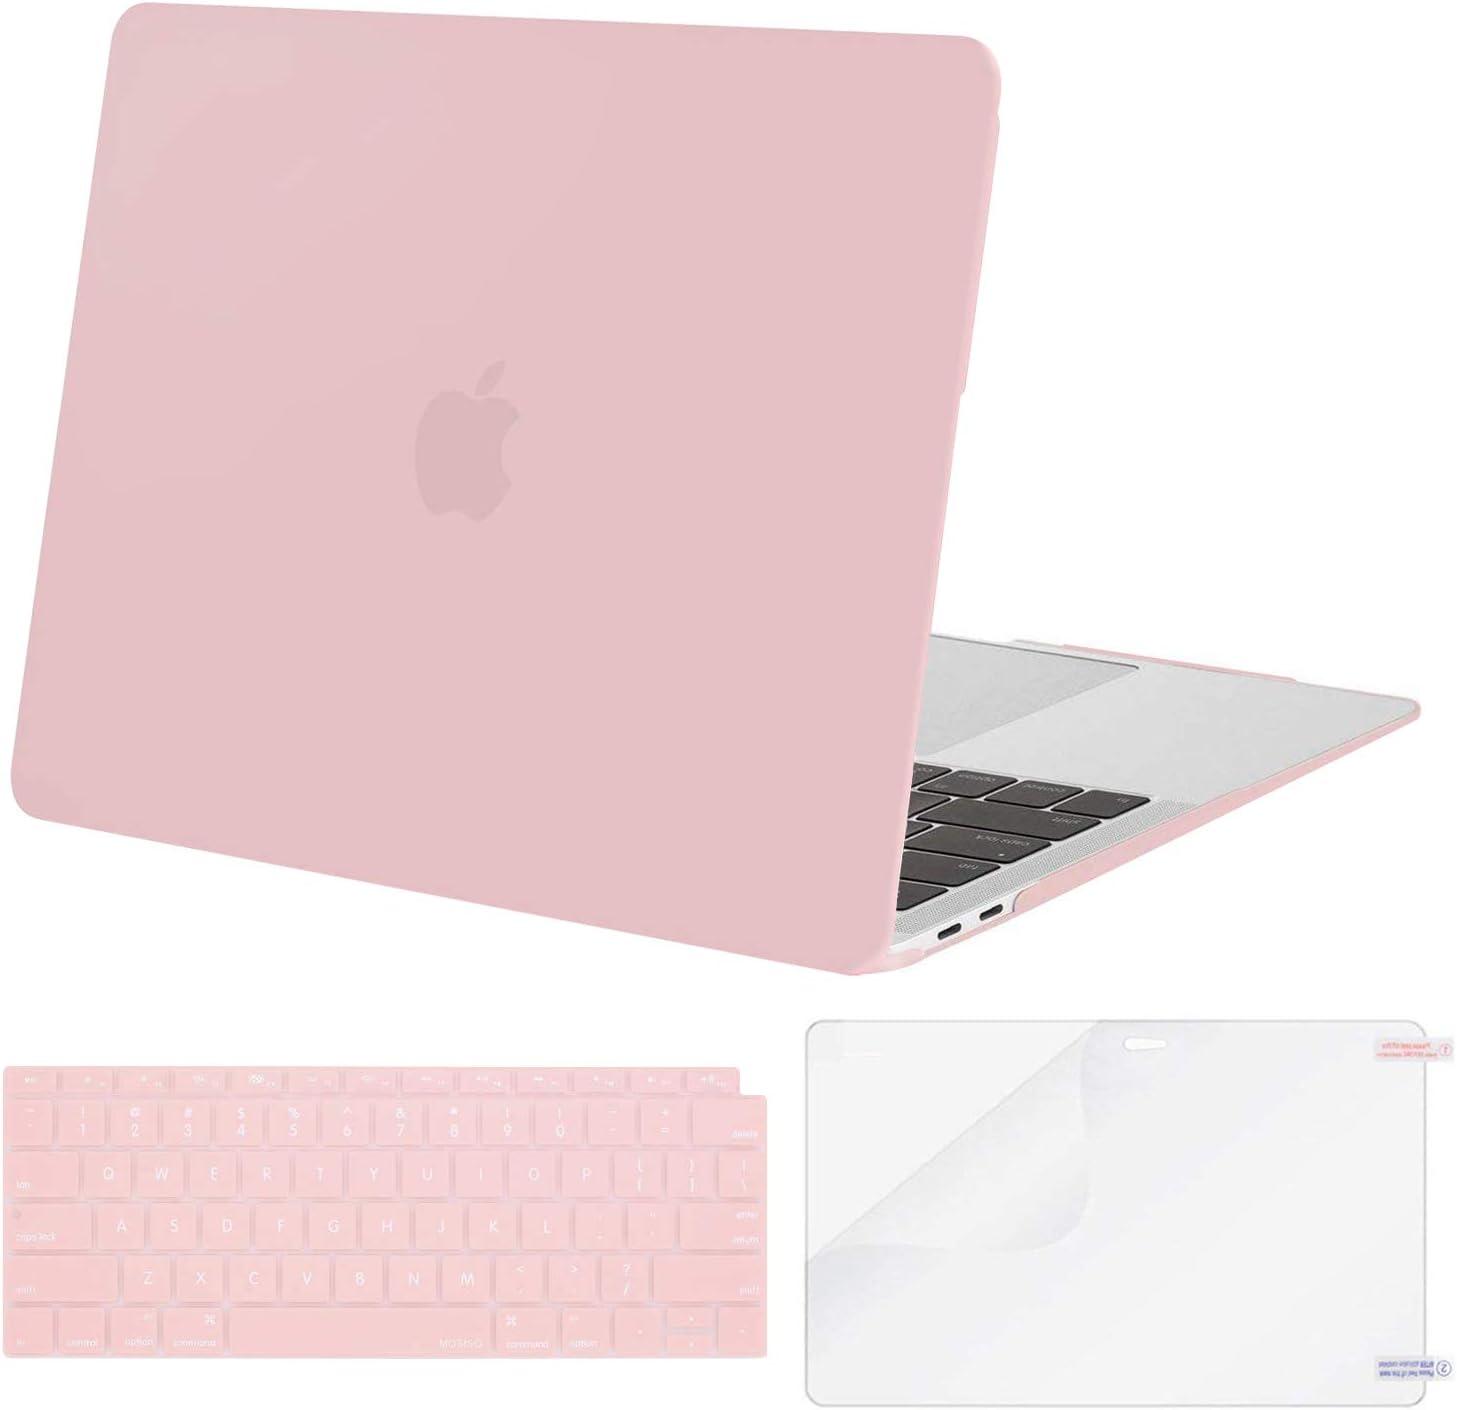 Funda y protector de teclado MOSISO para MacBook Air 13 Rosa